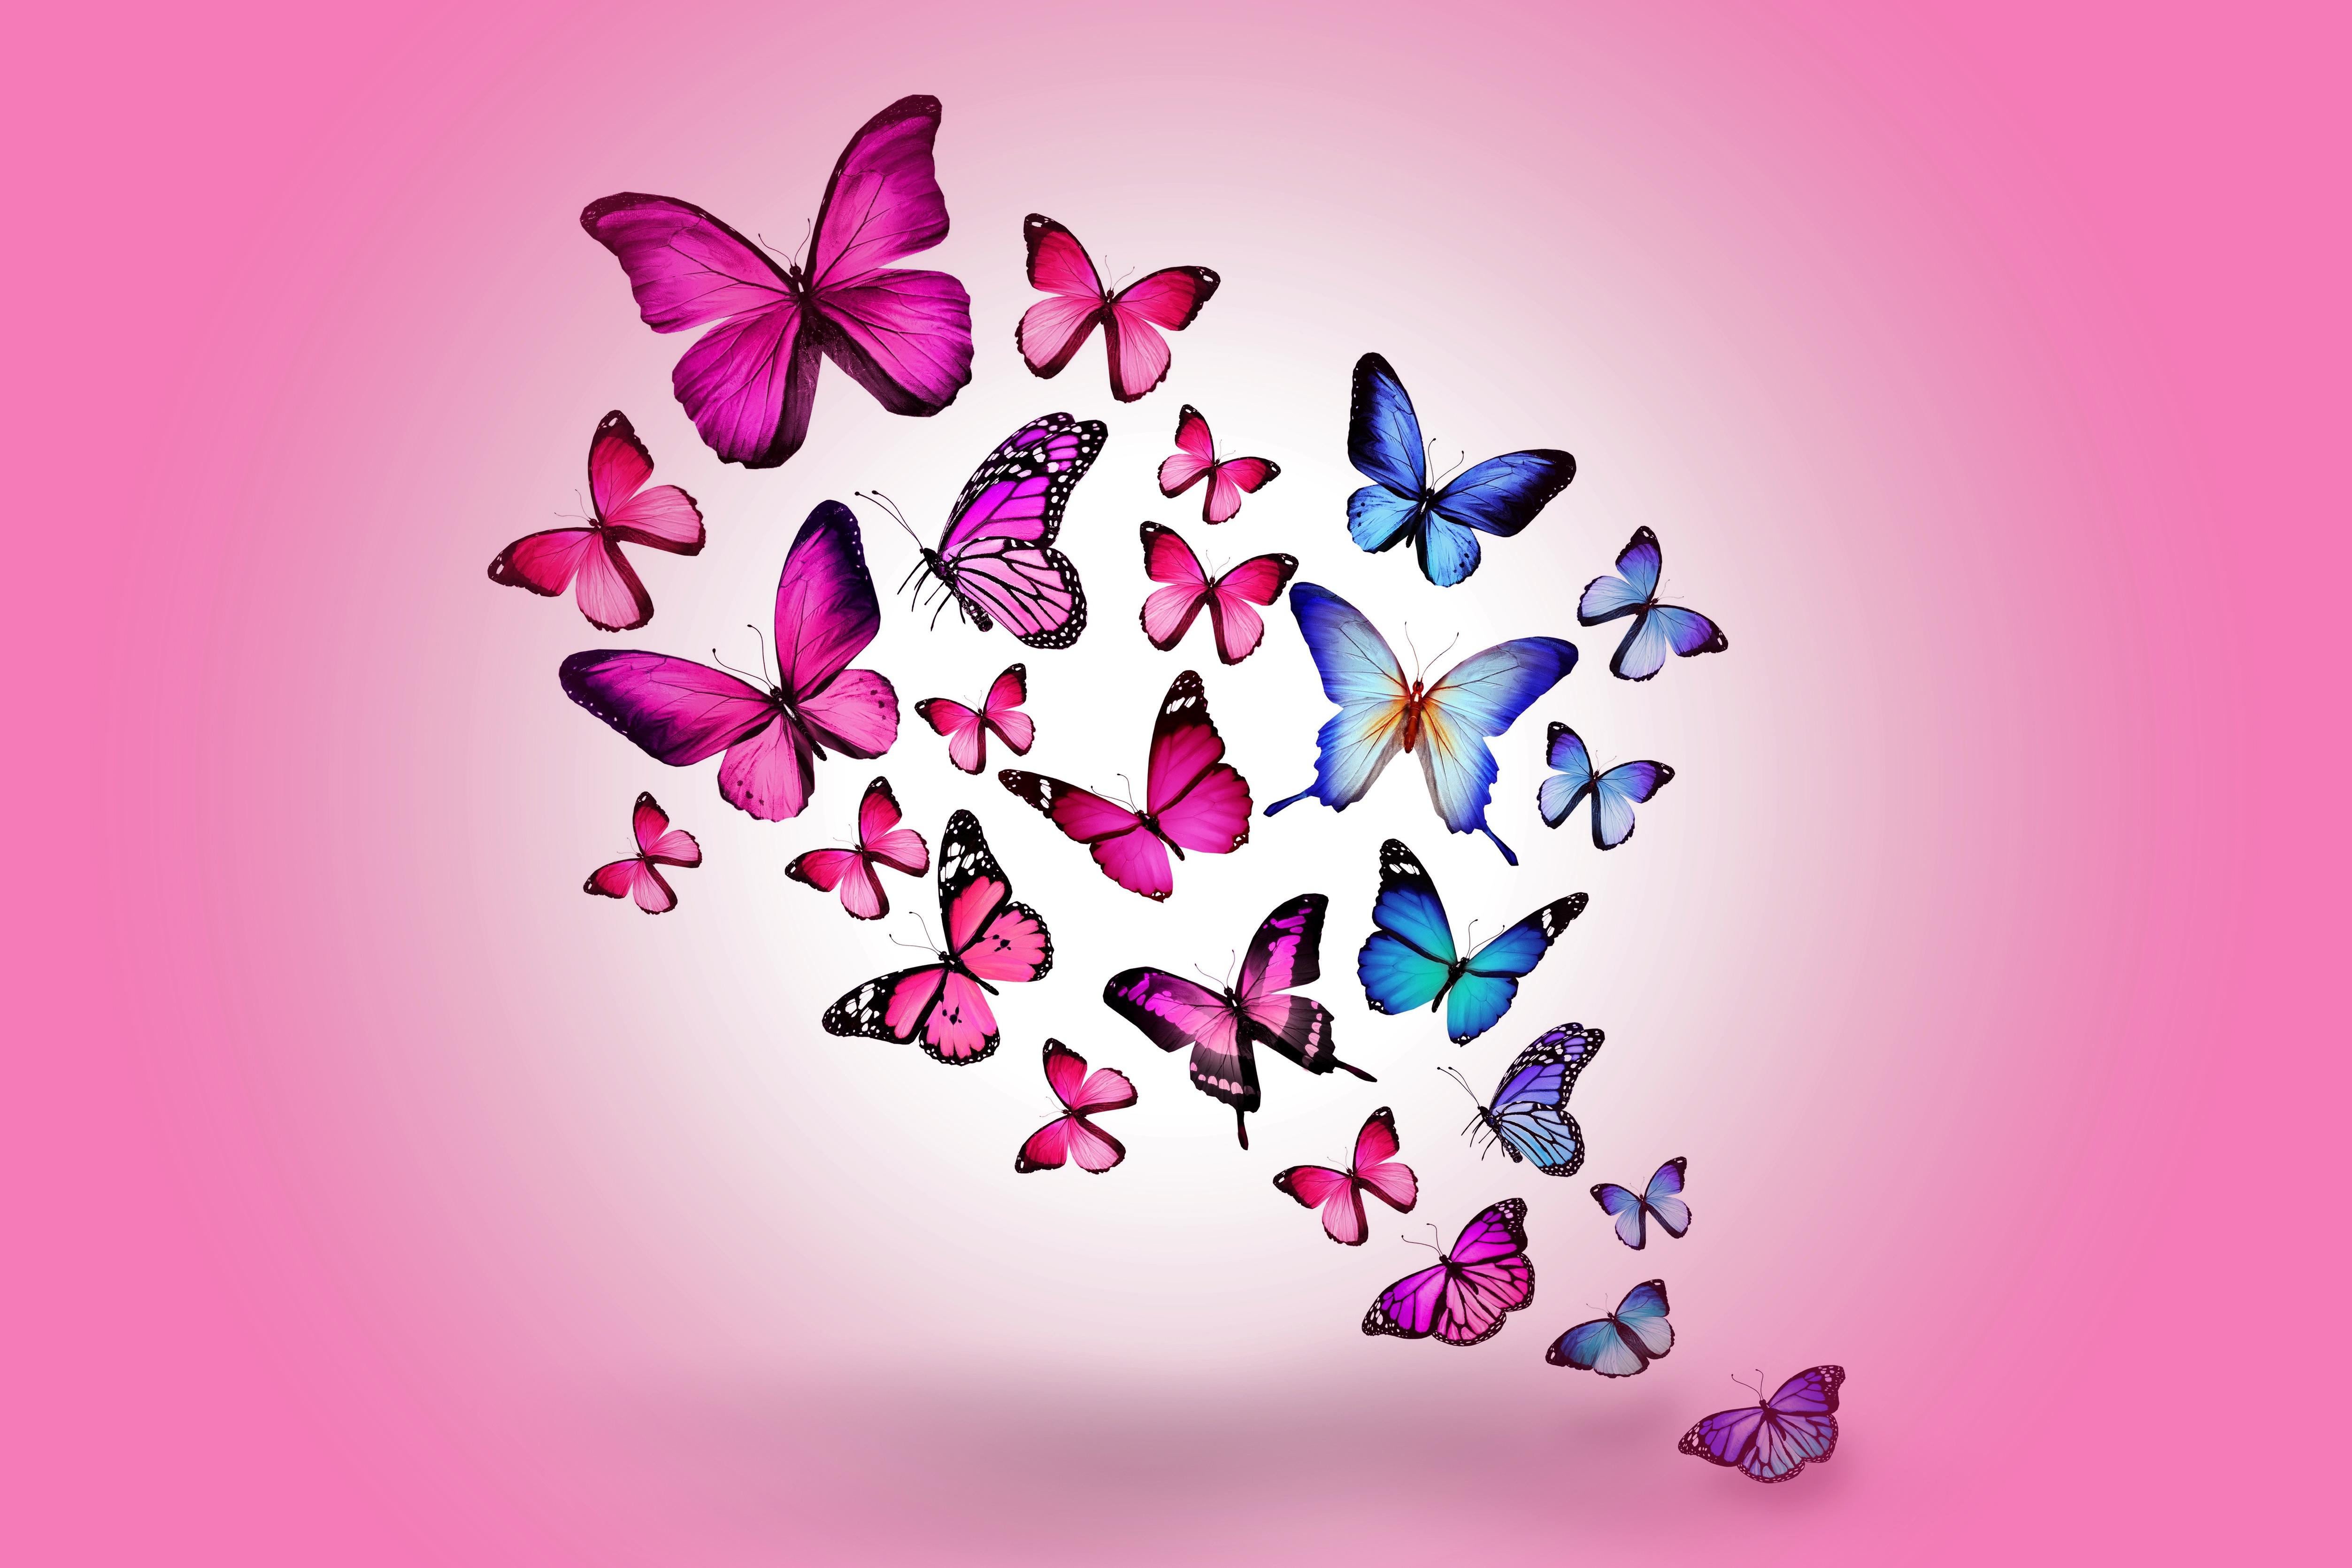 Sfondi Farfalla Disegno Volante Colorato Sfondo Rosa